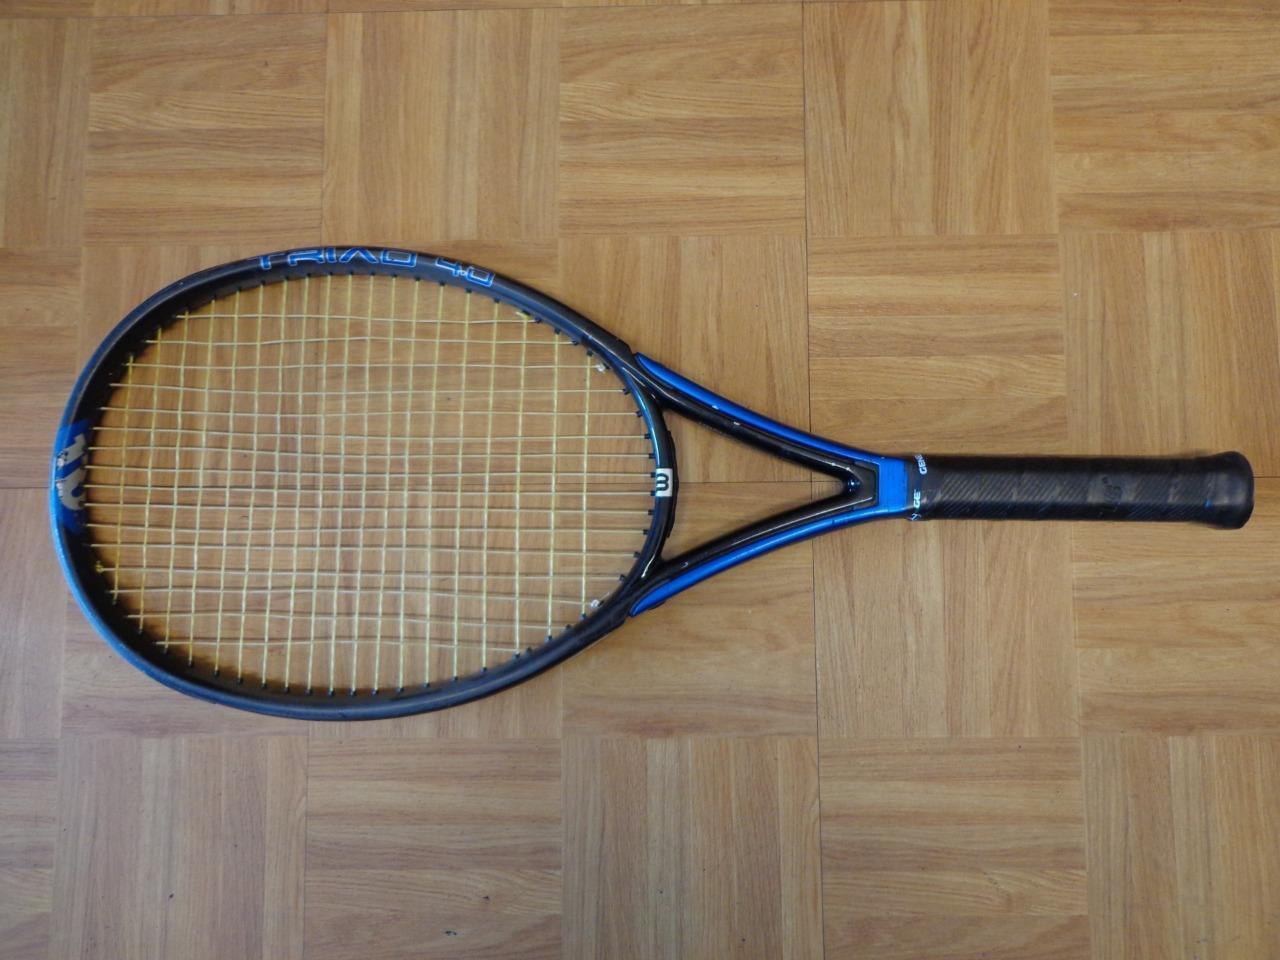 Wilson Triad Hammer 4.0 OverGröße 110 4 1 2 grip raquette de tennis